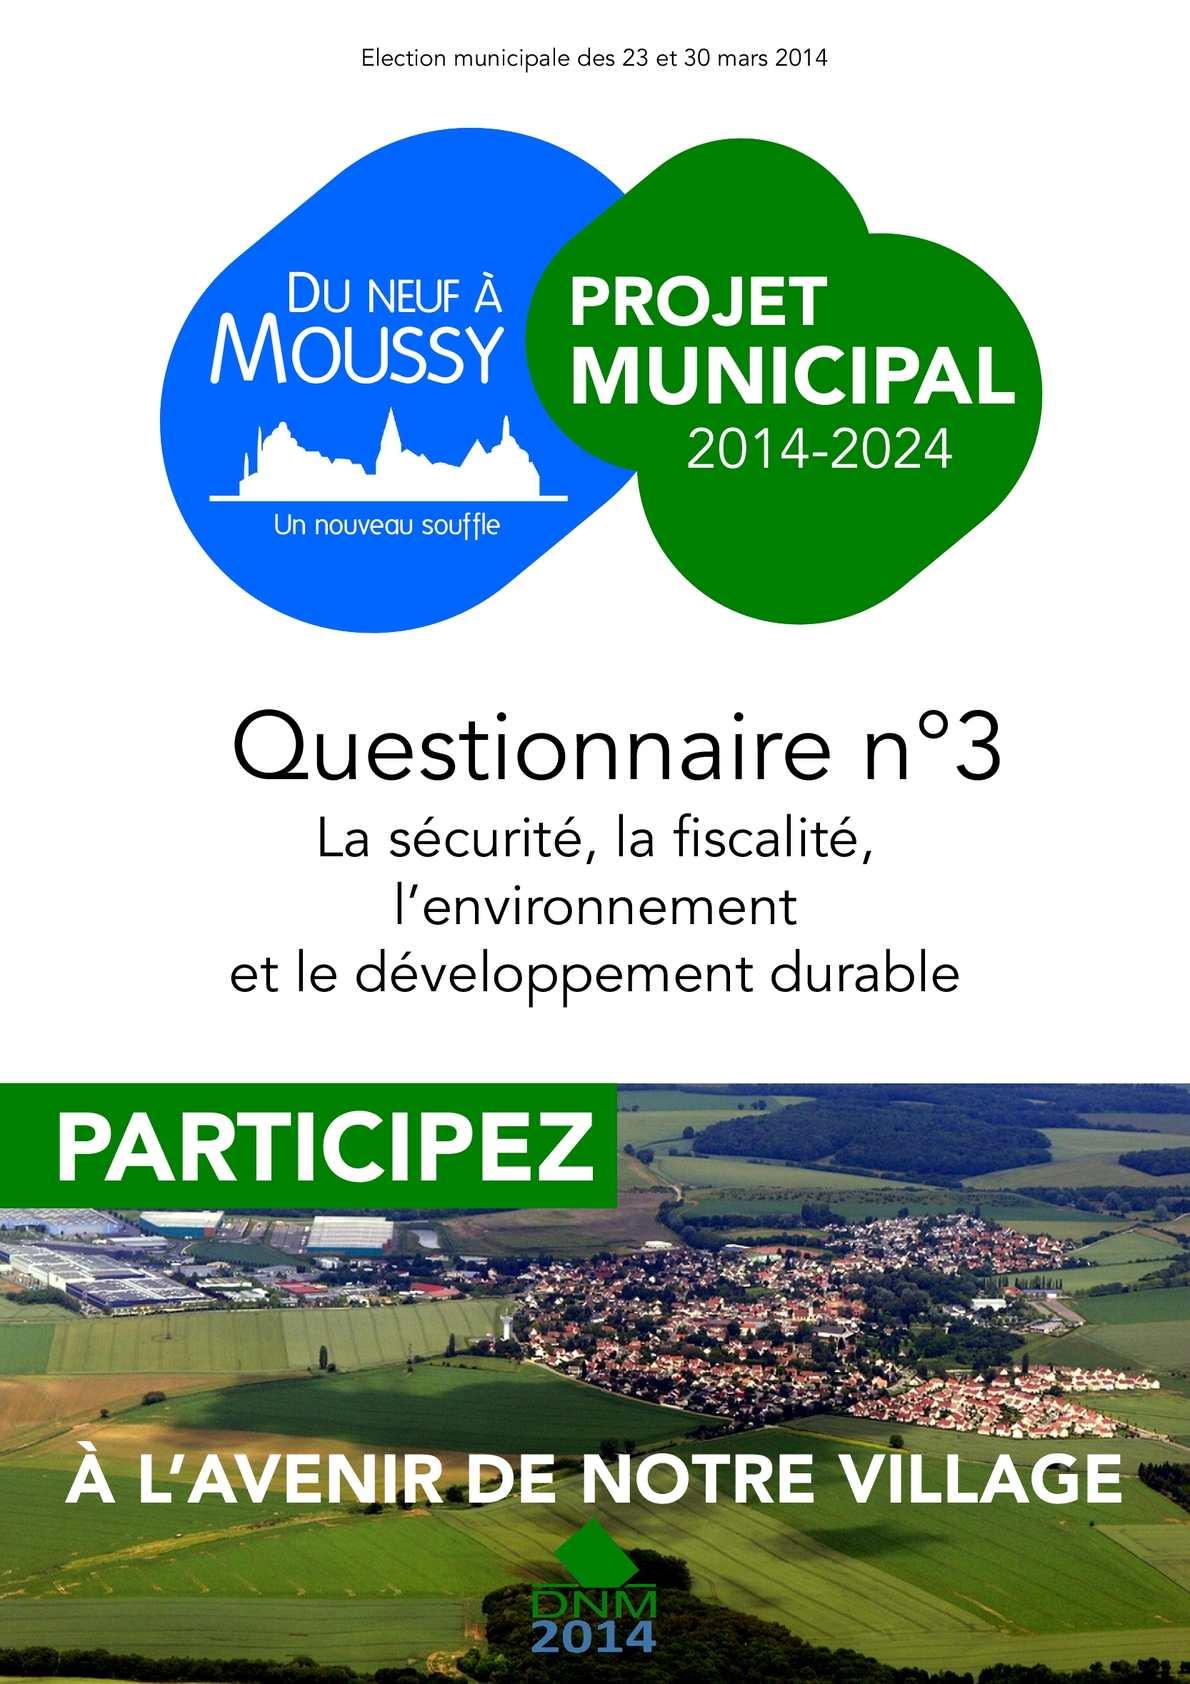 Questionnaire du projet municipal n°3